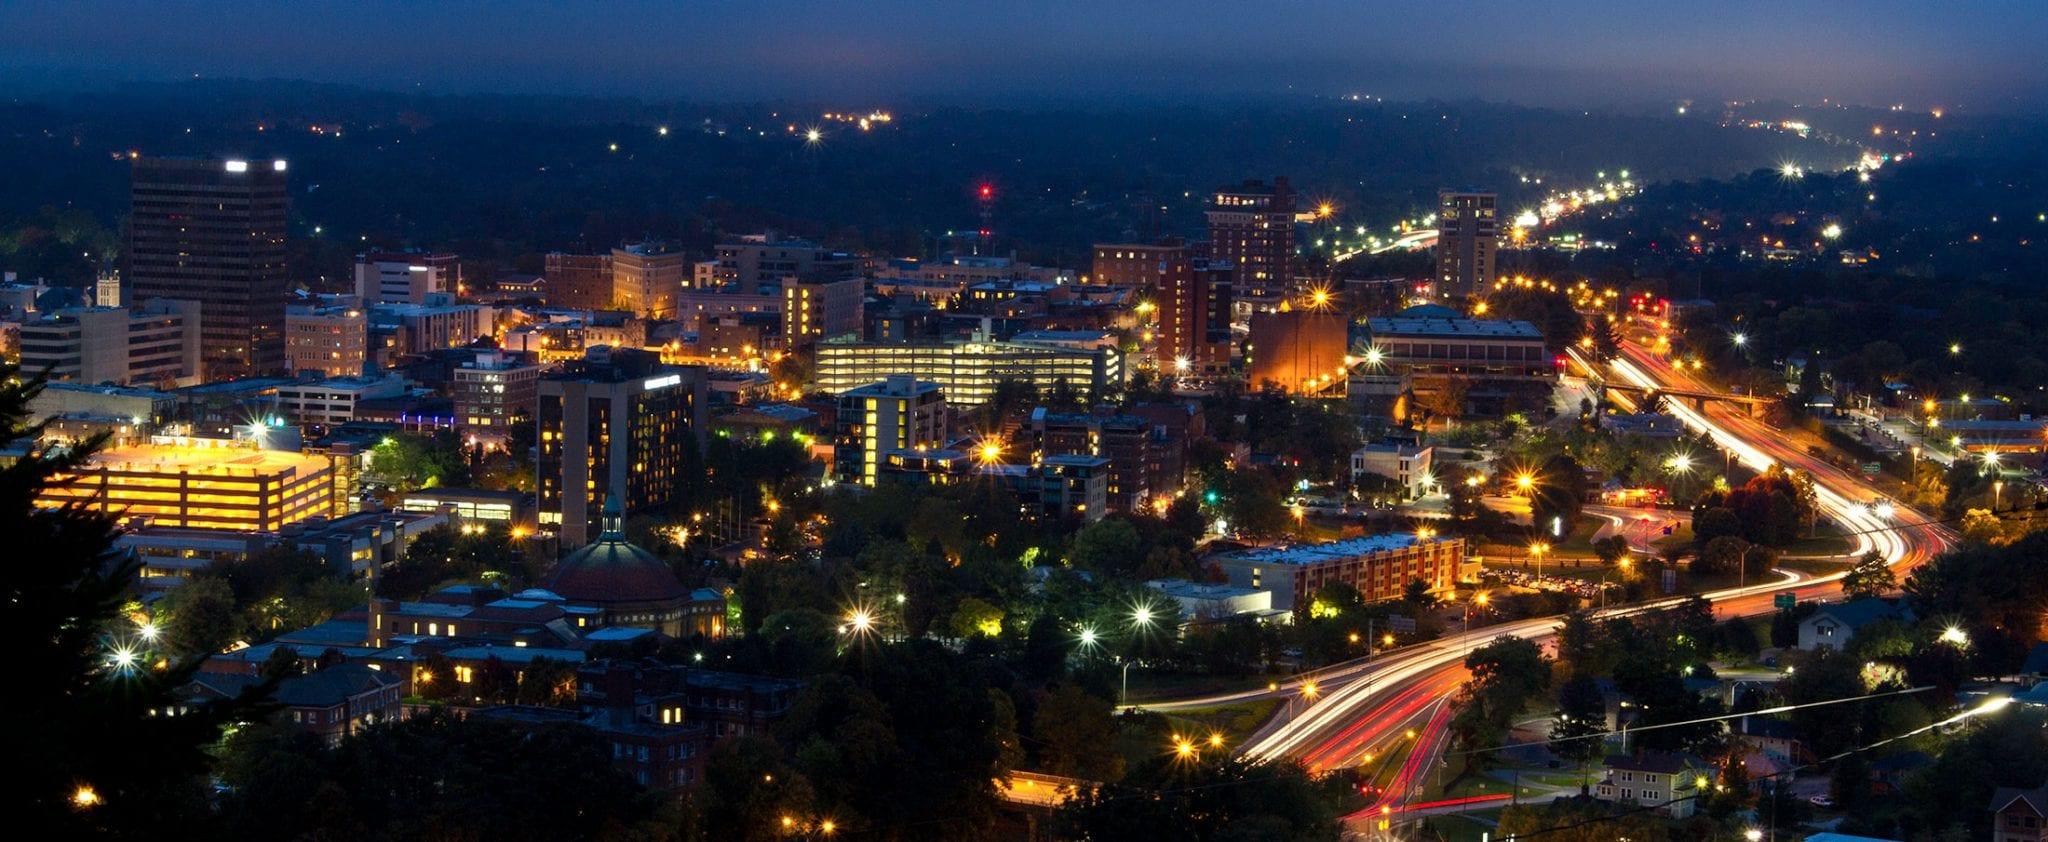 Downtown Ashville